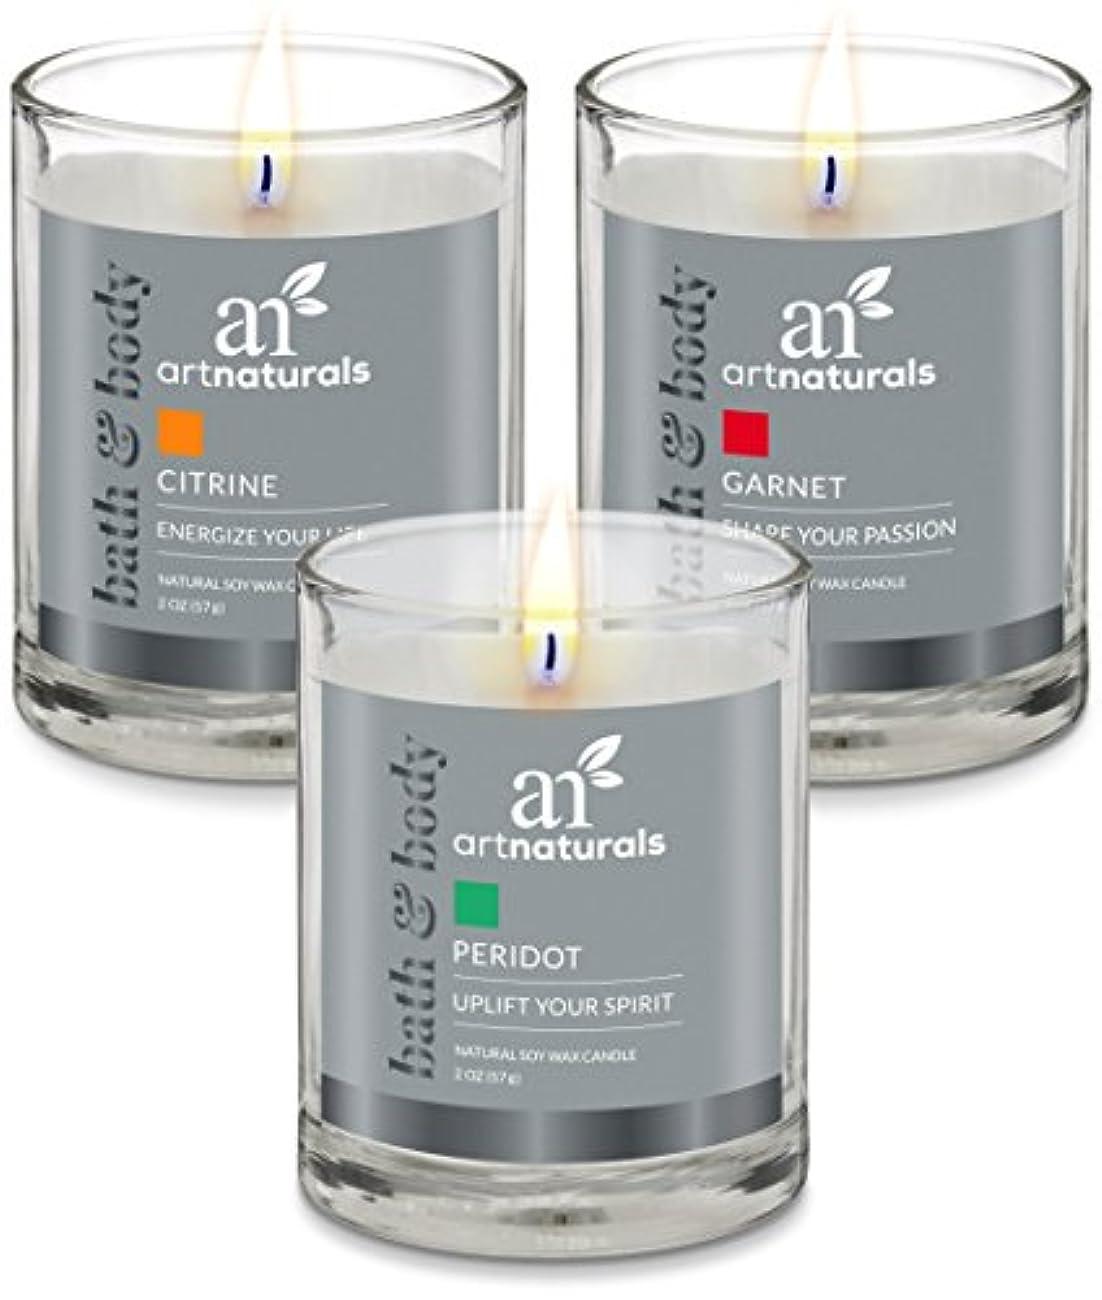 魔術少年鹿ArtNaturals Scented Candle Gift Set – 6 PieceアロマセラピーのセットFragrance大豆ワックス – Made in USA with Essential Oils – For...